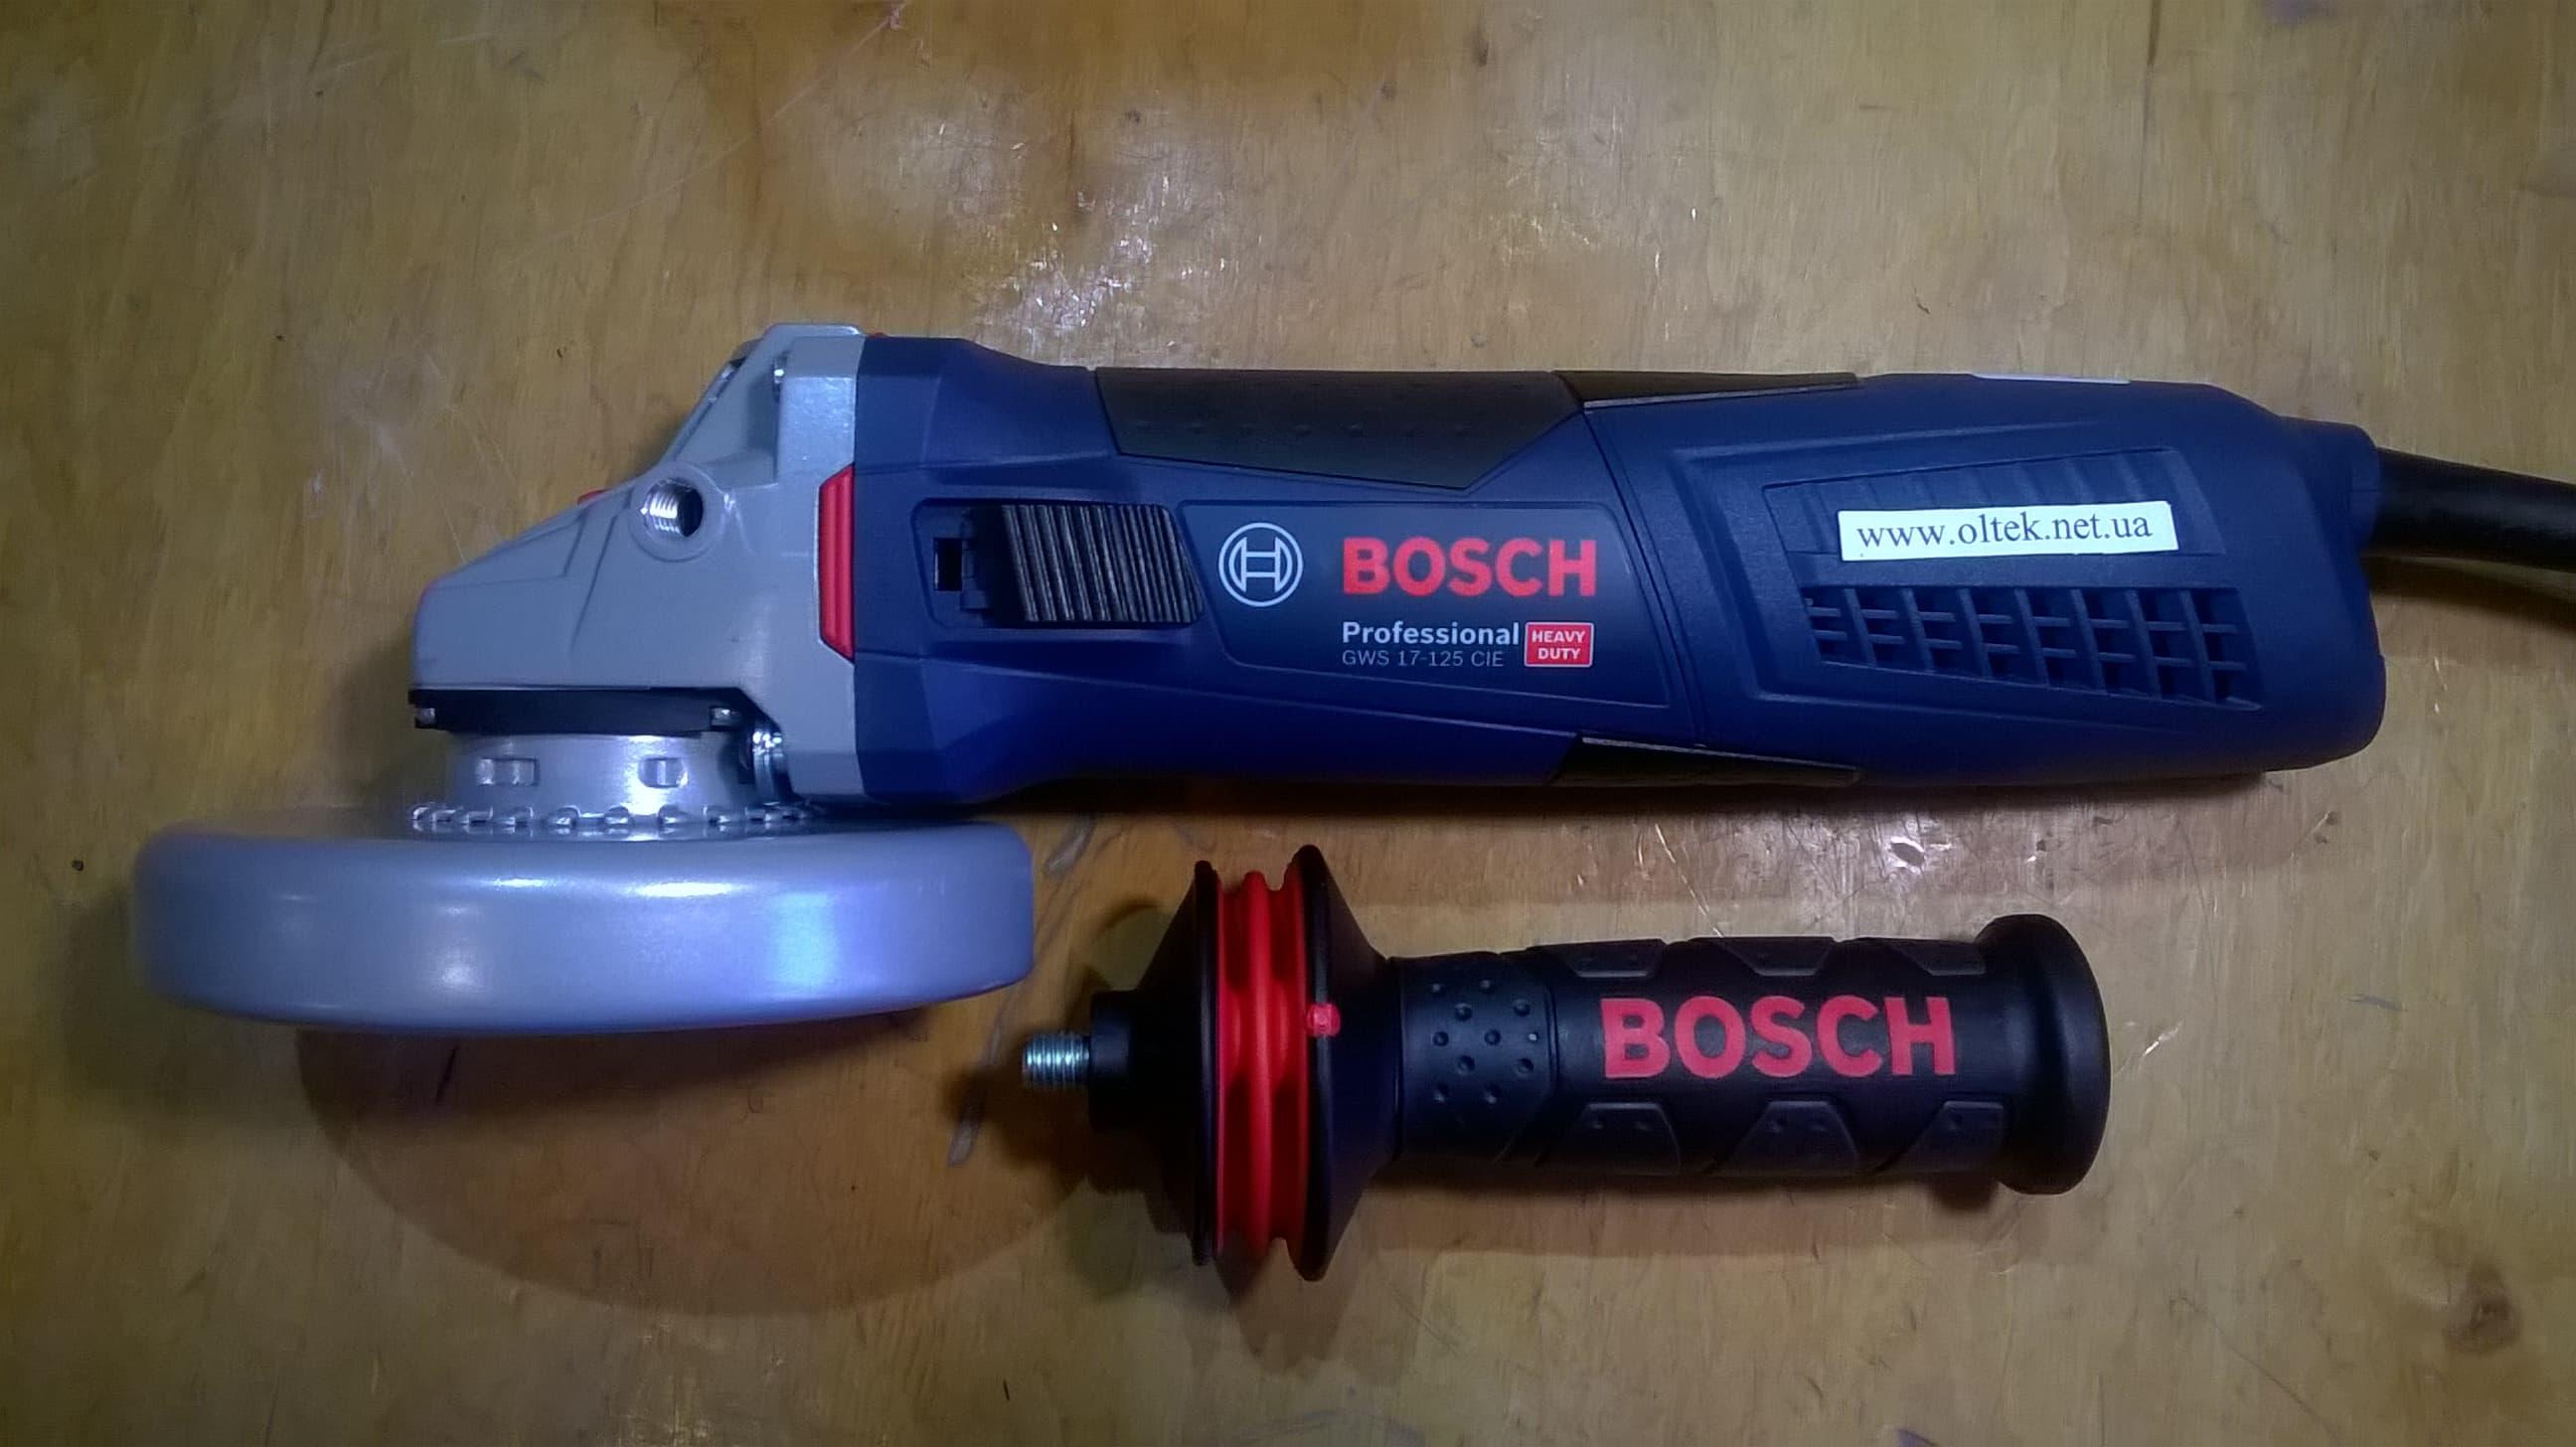 bosch-17-125cie-oltek-net-ua